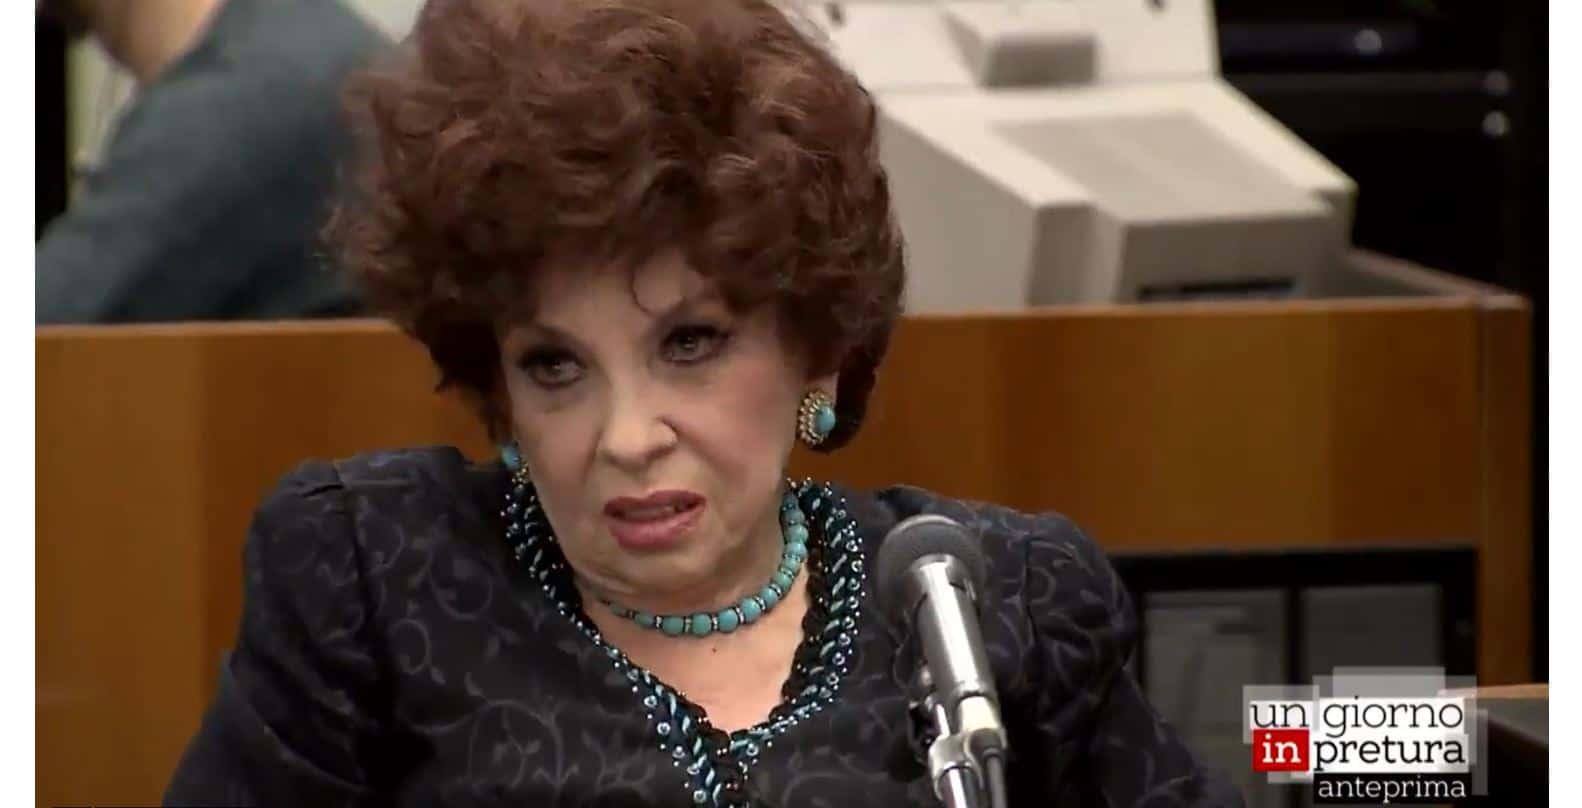 Un giorno in pretura riparte da Gina Lollobrigida: stasera su Rai 3 la vicenda giudiziaria